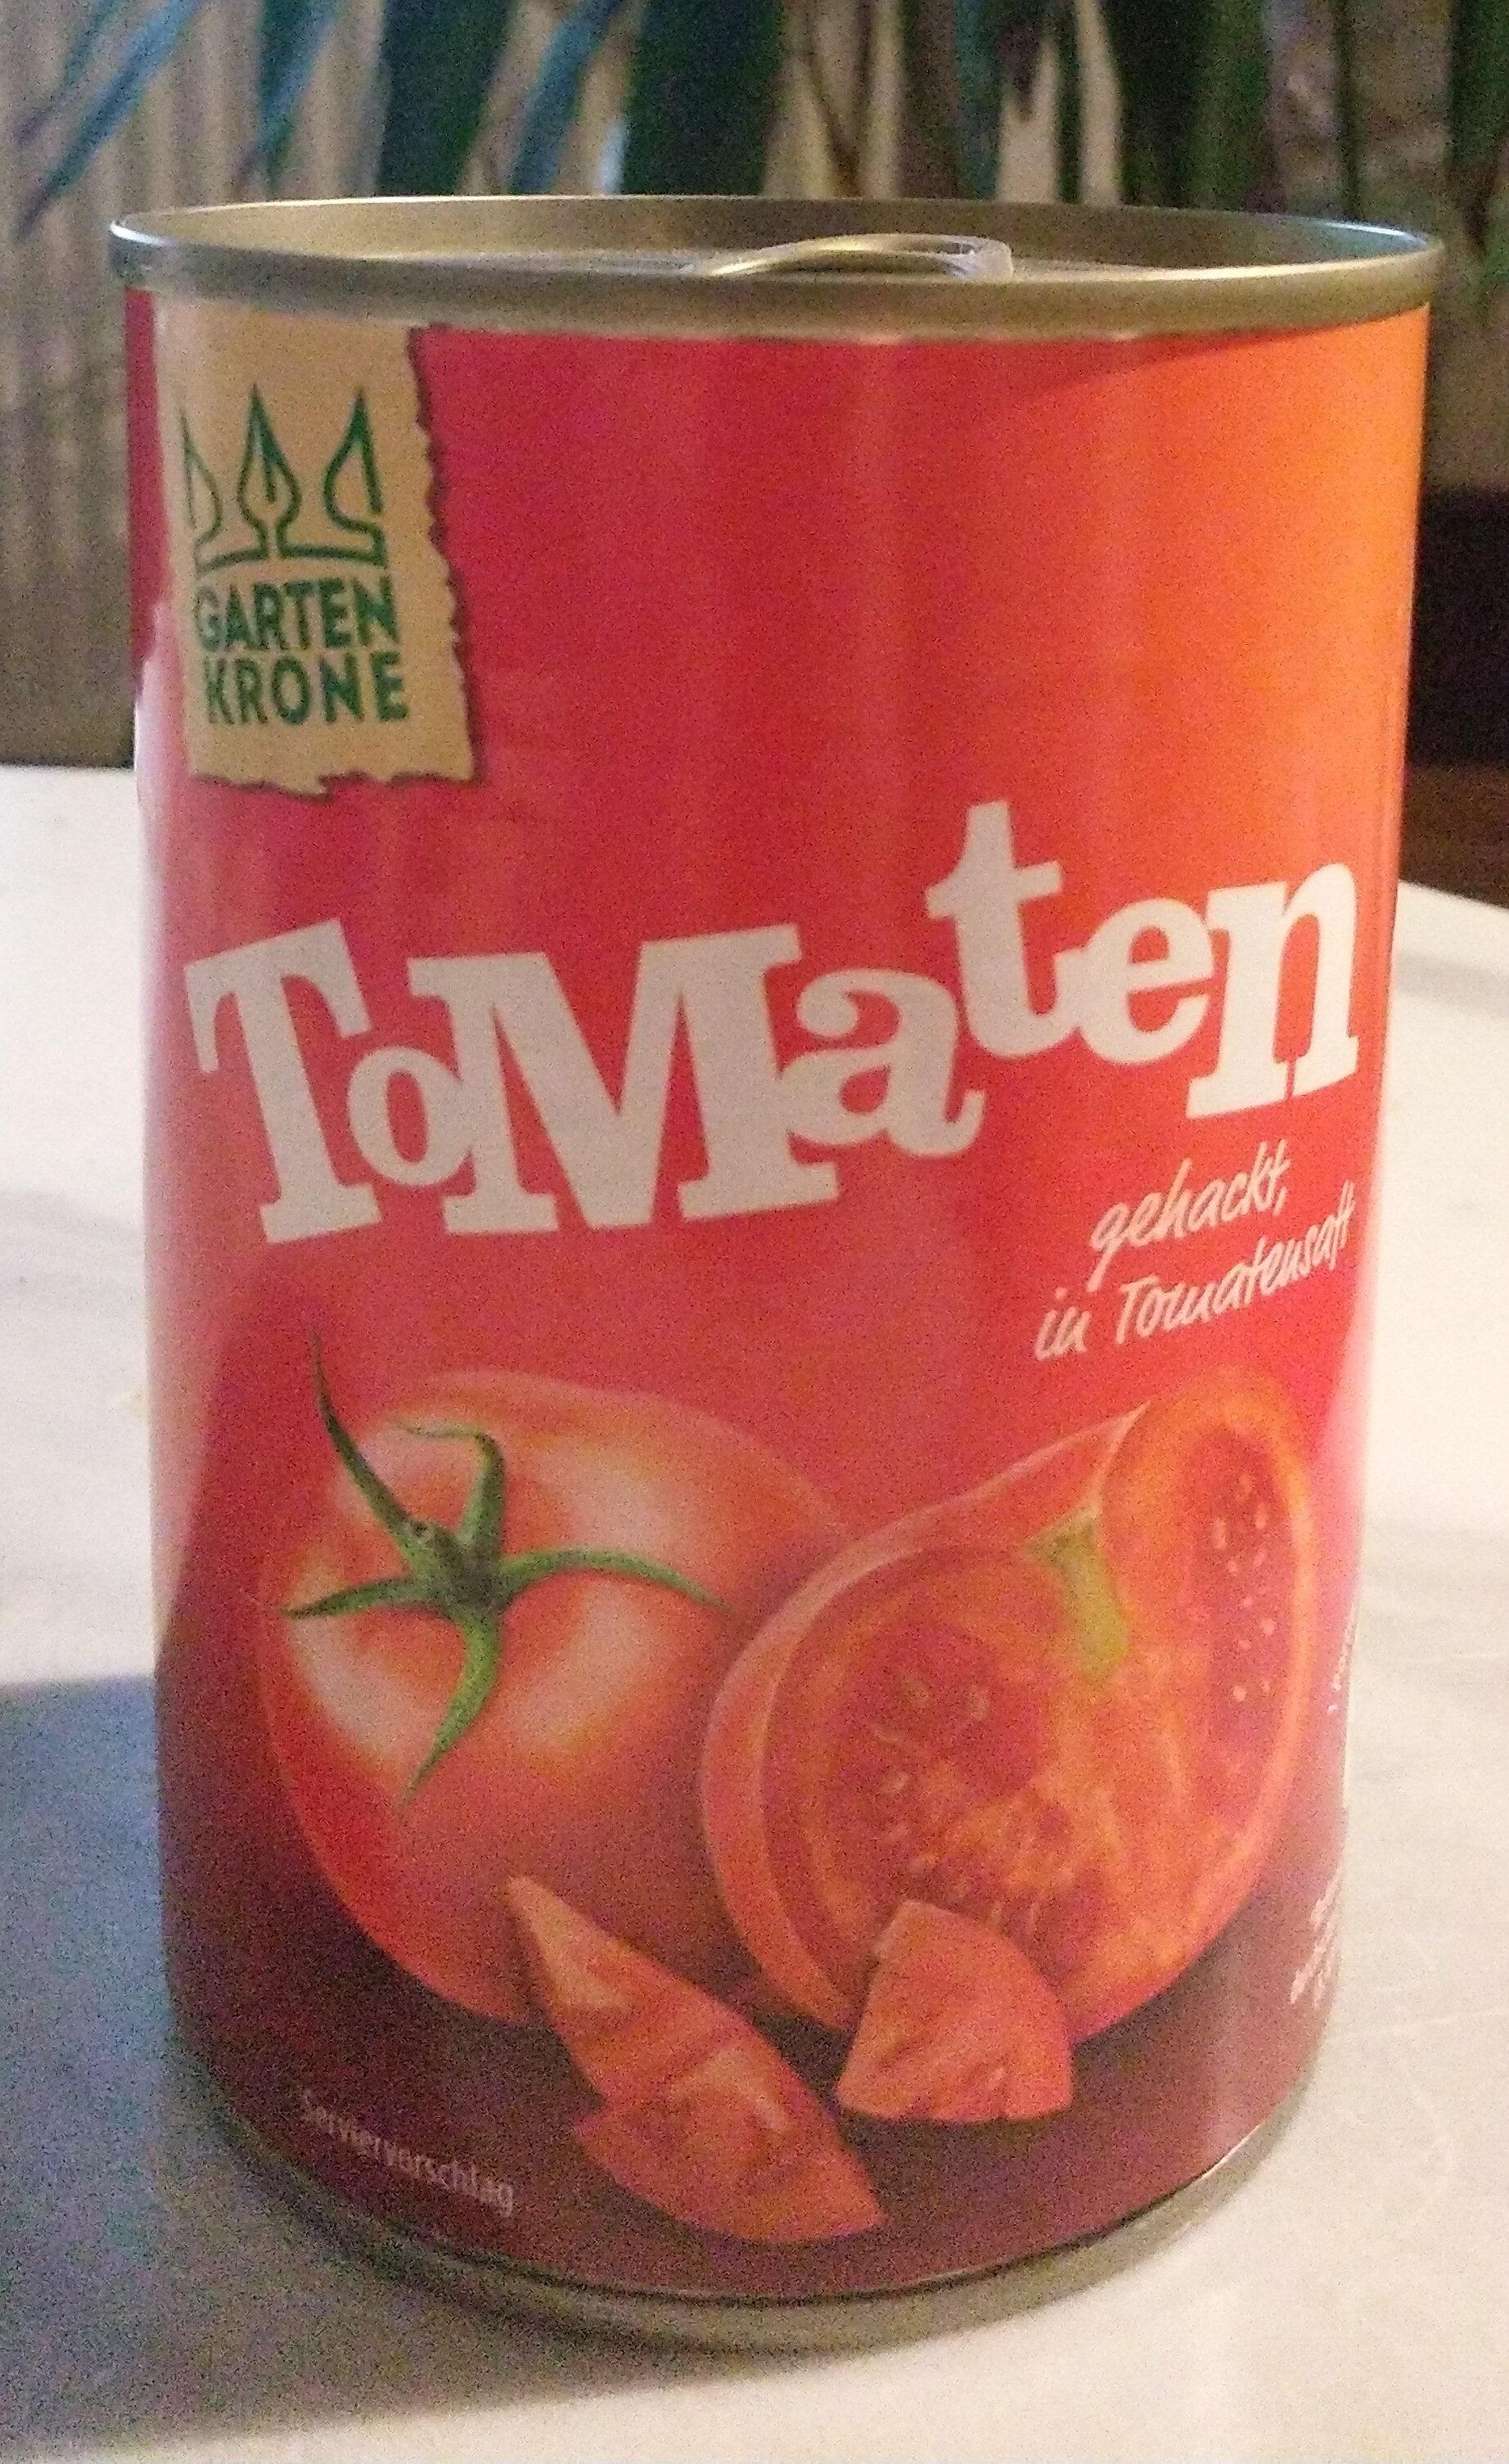 Tomaten - gehackt - Product - de